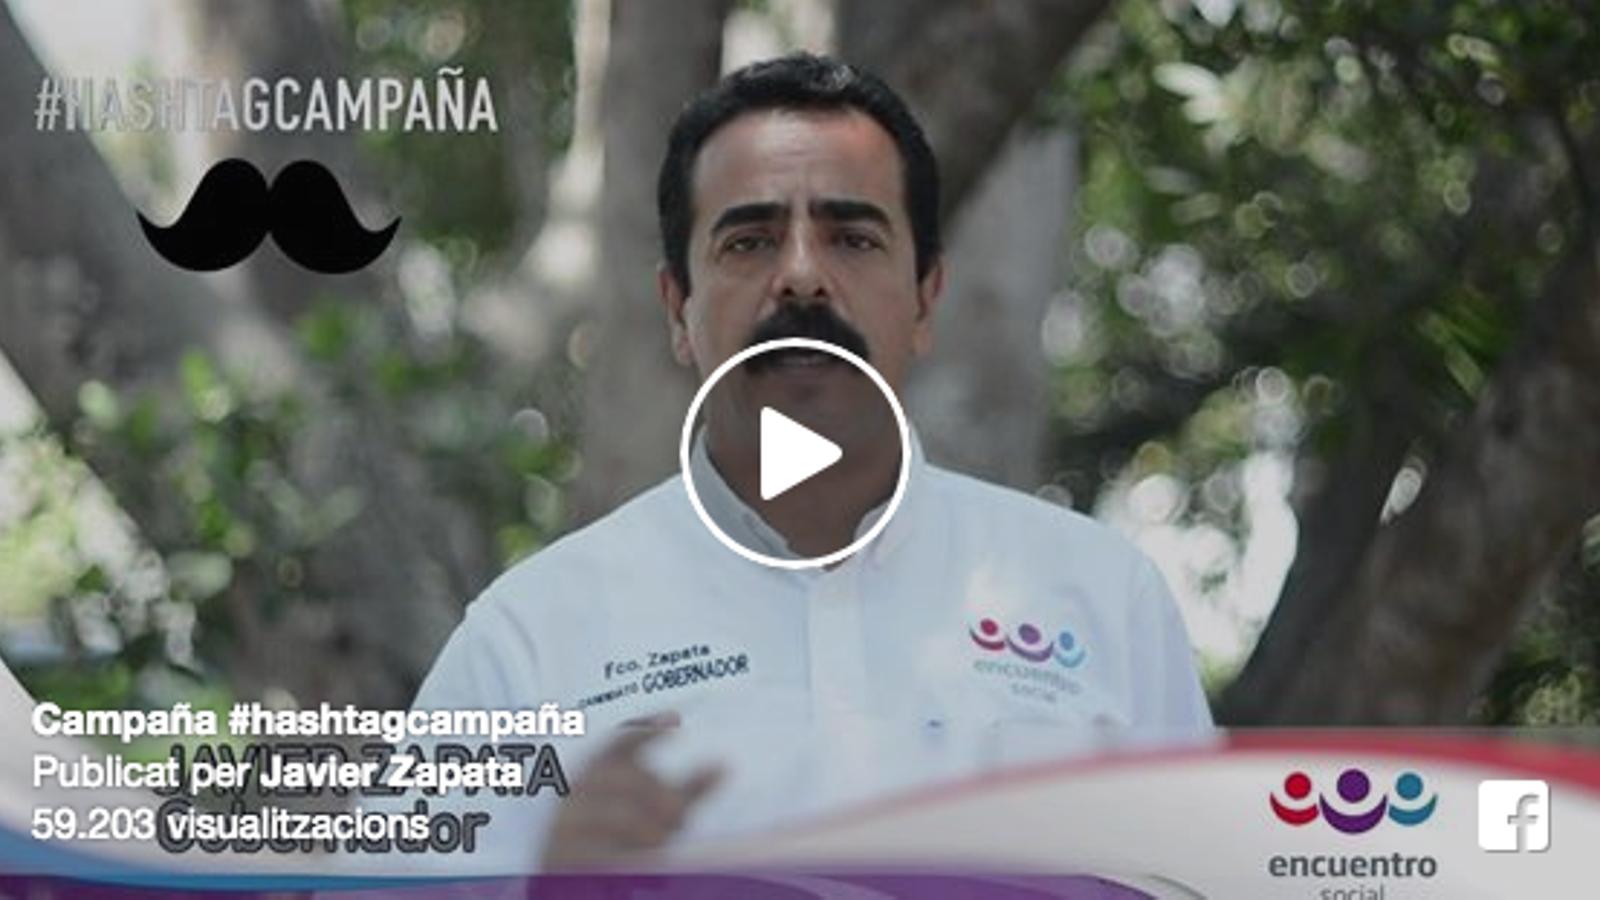 Vídeo al Facebook de Javier Zapata, en què diu que l'etiqueta #hashtagcampanya no va ser un error